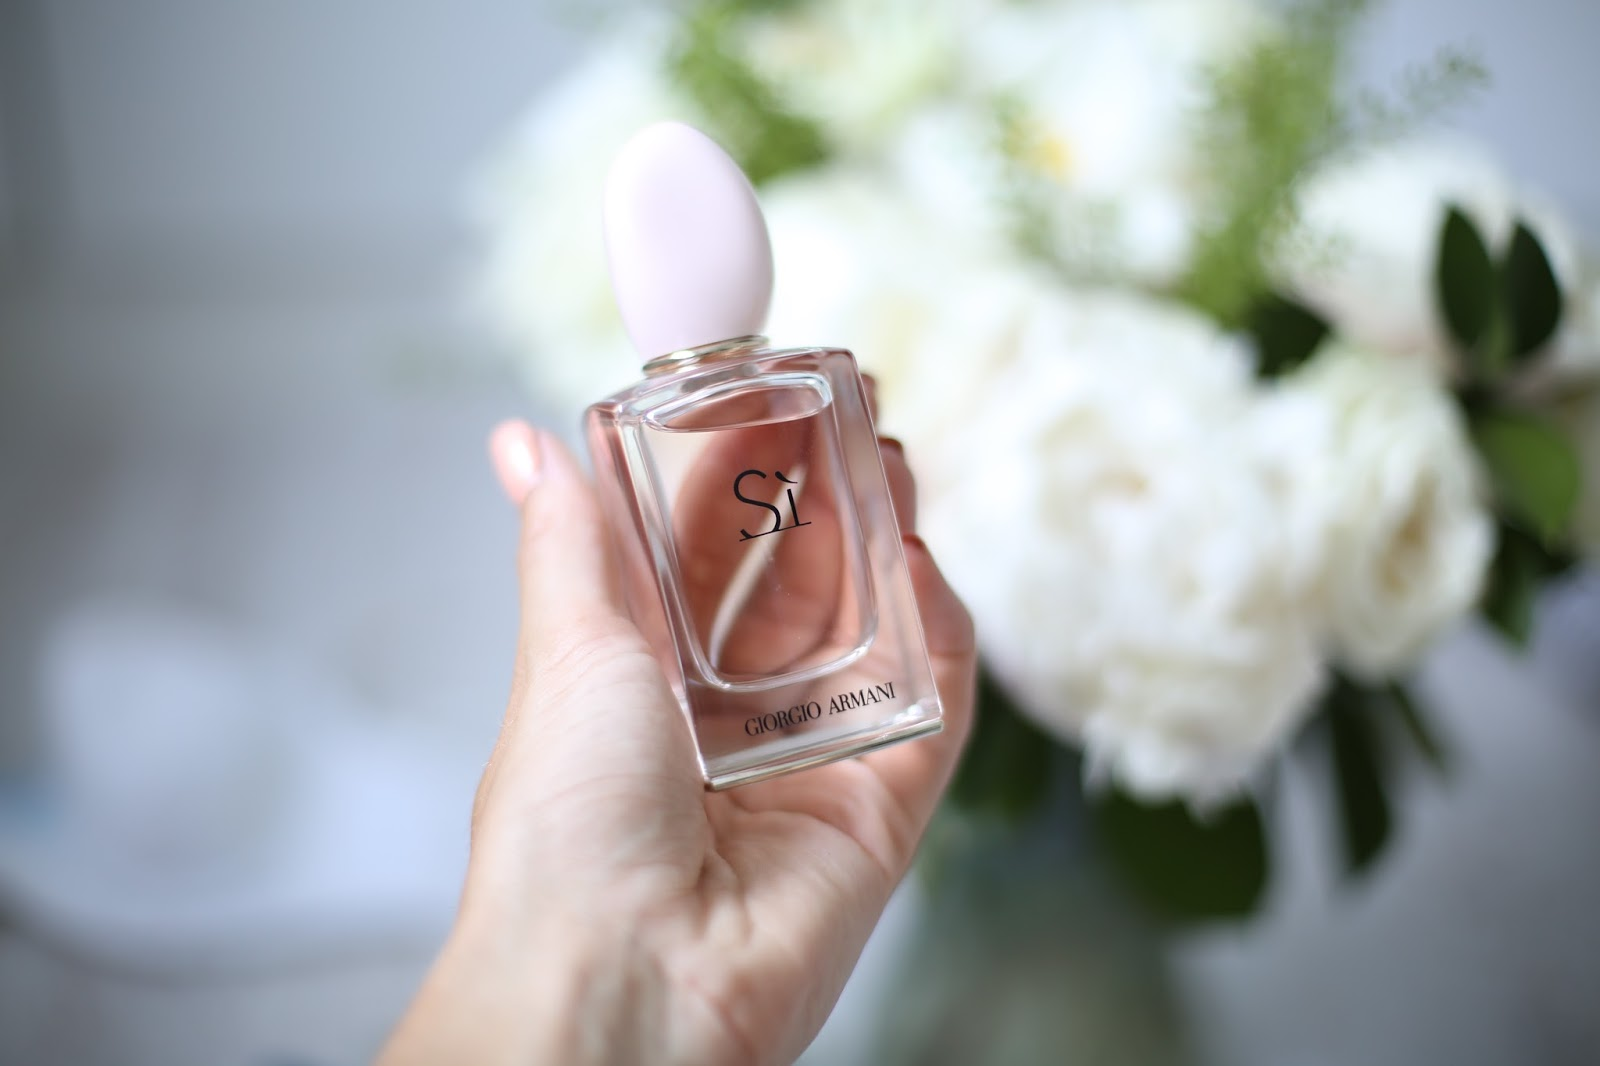 armani si perfume